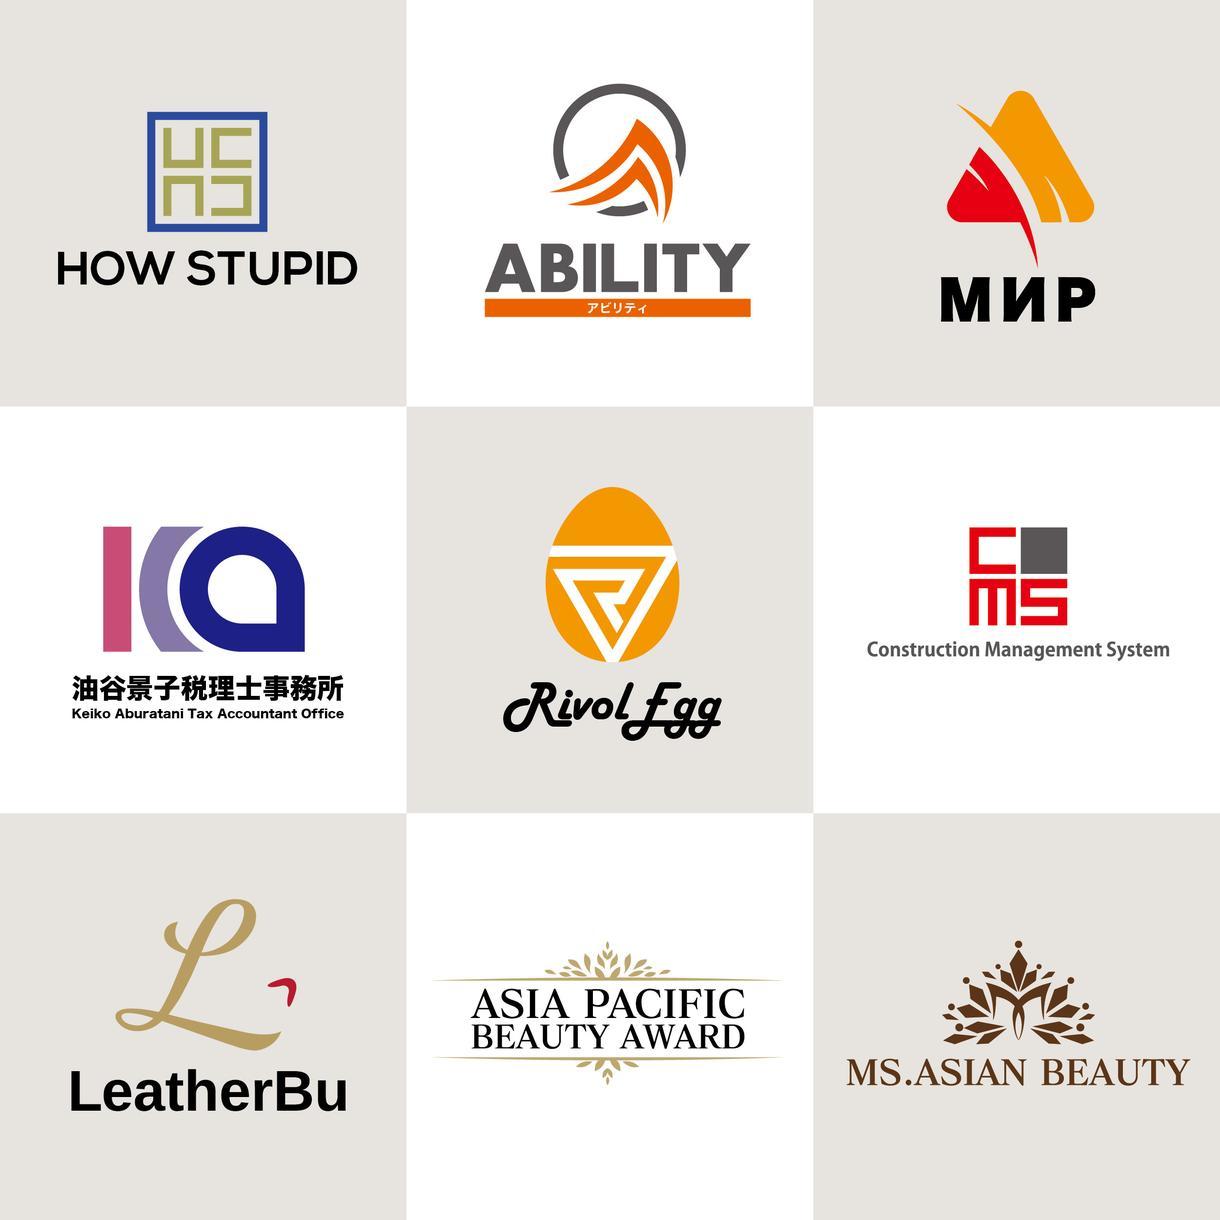 プロデザインのロゴ作成いたします 店舗ロゴ、企業ロゴなどaiデータ納品可能